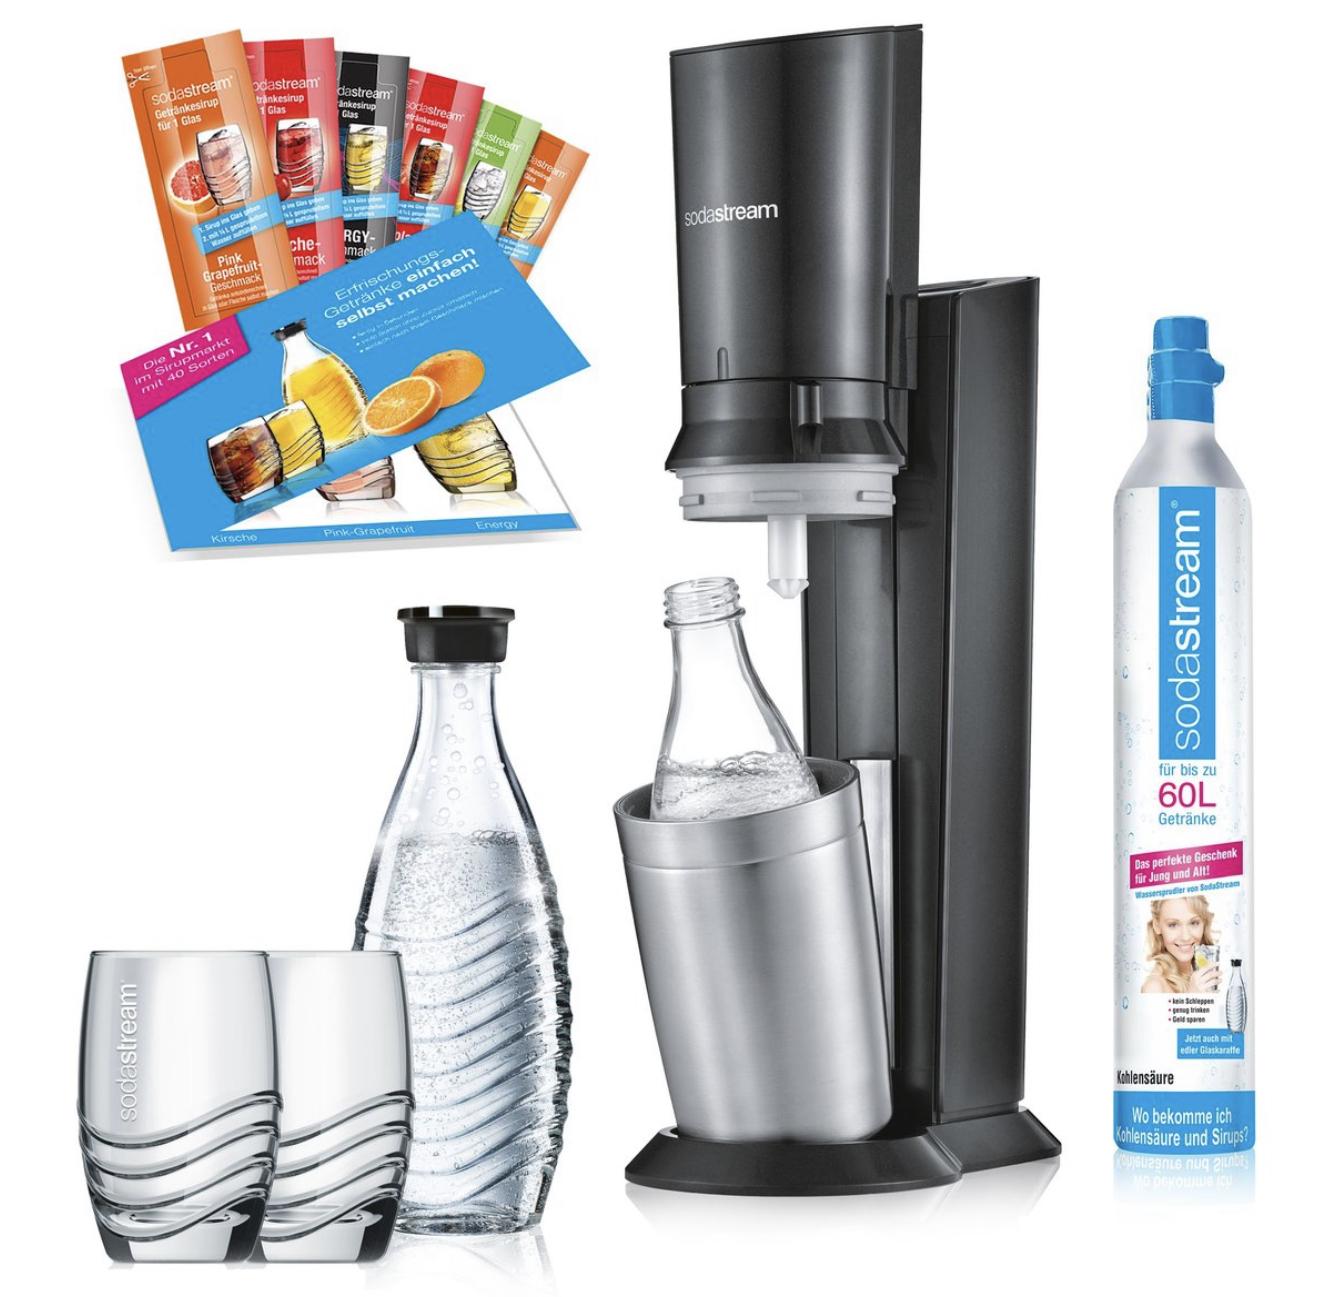 SodaStream Crystal 2.0 titan Promopack inkl. 2 Karaffen, 2 Gläser, 6 Sirupproben u. Zylinder für 89€ inkl. Versandkosten